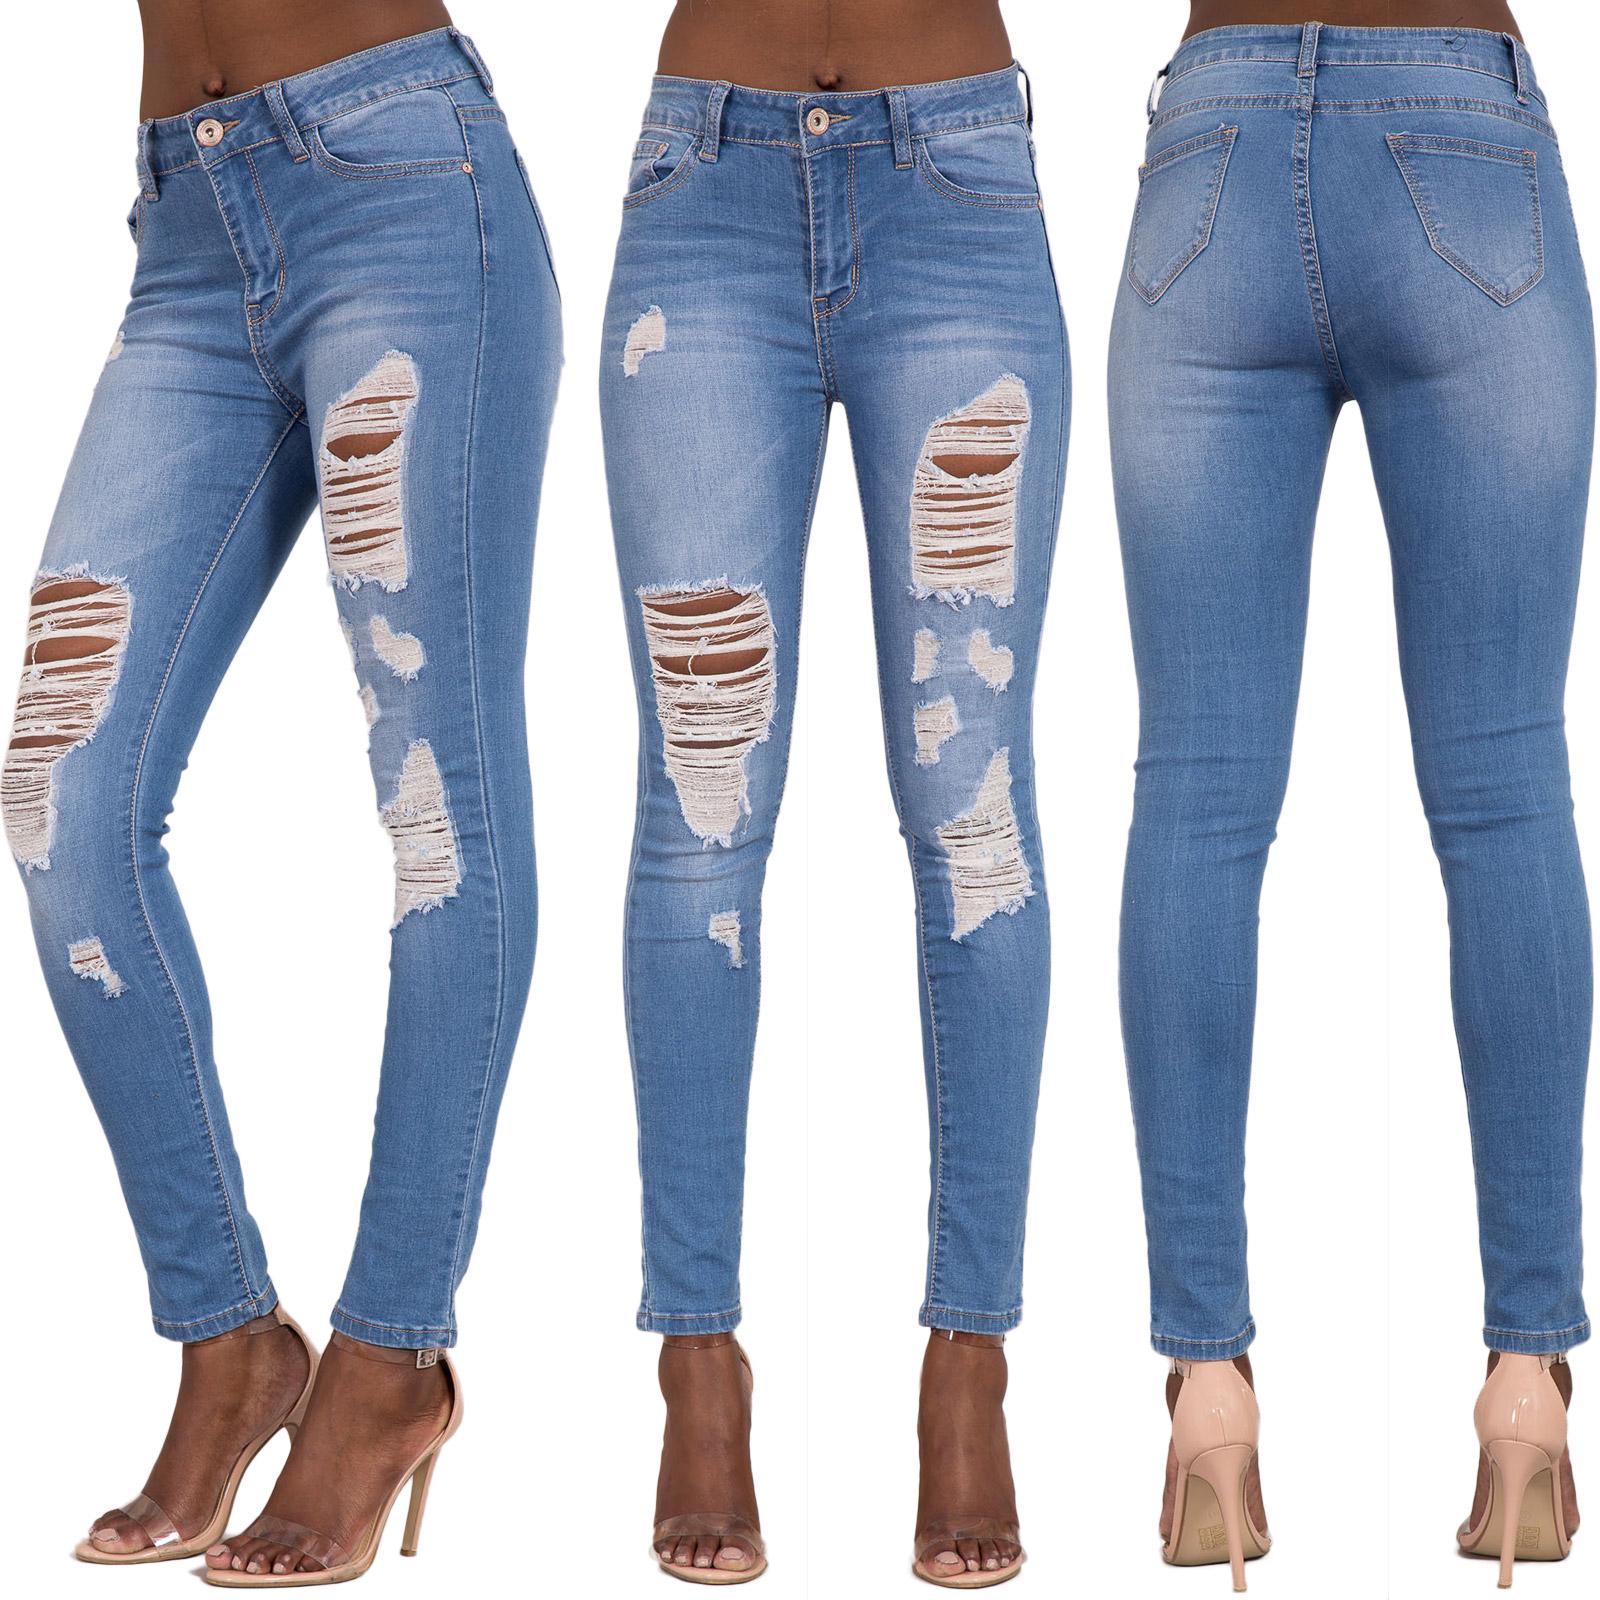 fa59f3b49b9 Womens Ripped Knee Skinny Jeans Faded Slim Fit Ladies Denim Size 6 ...